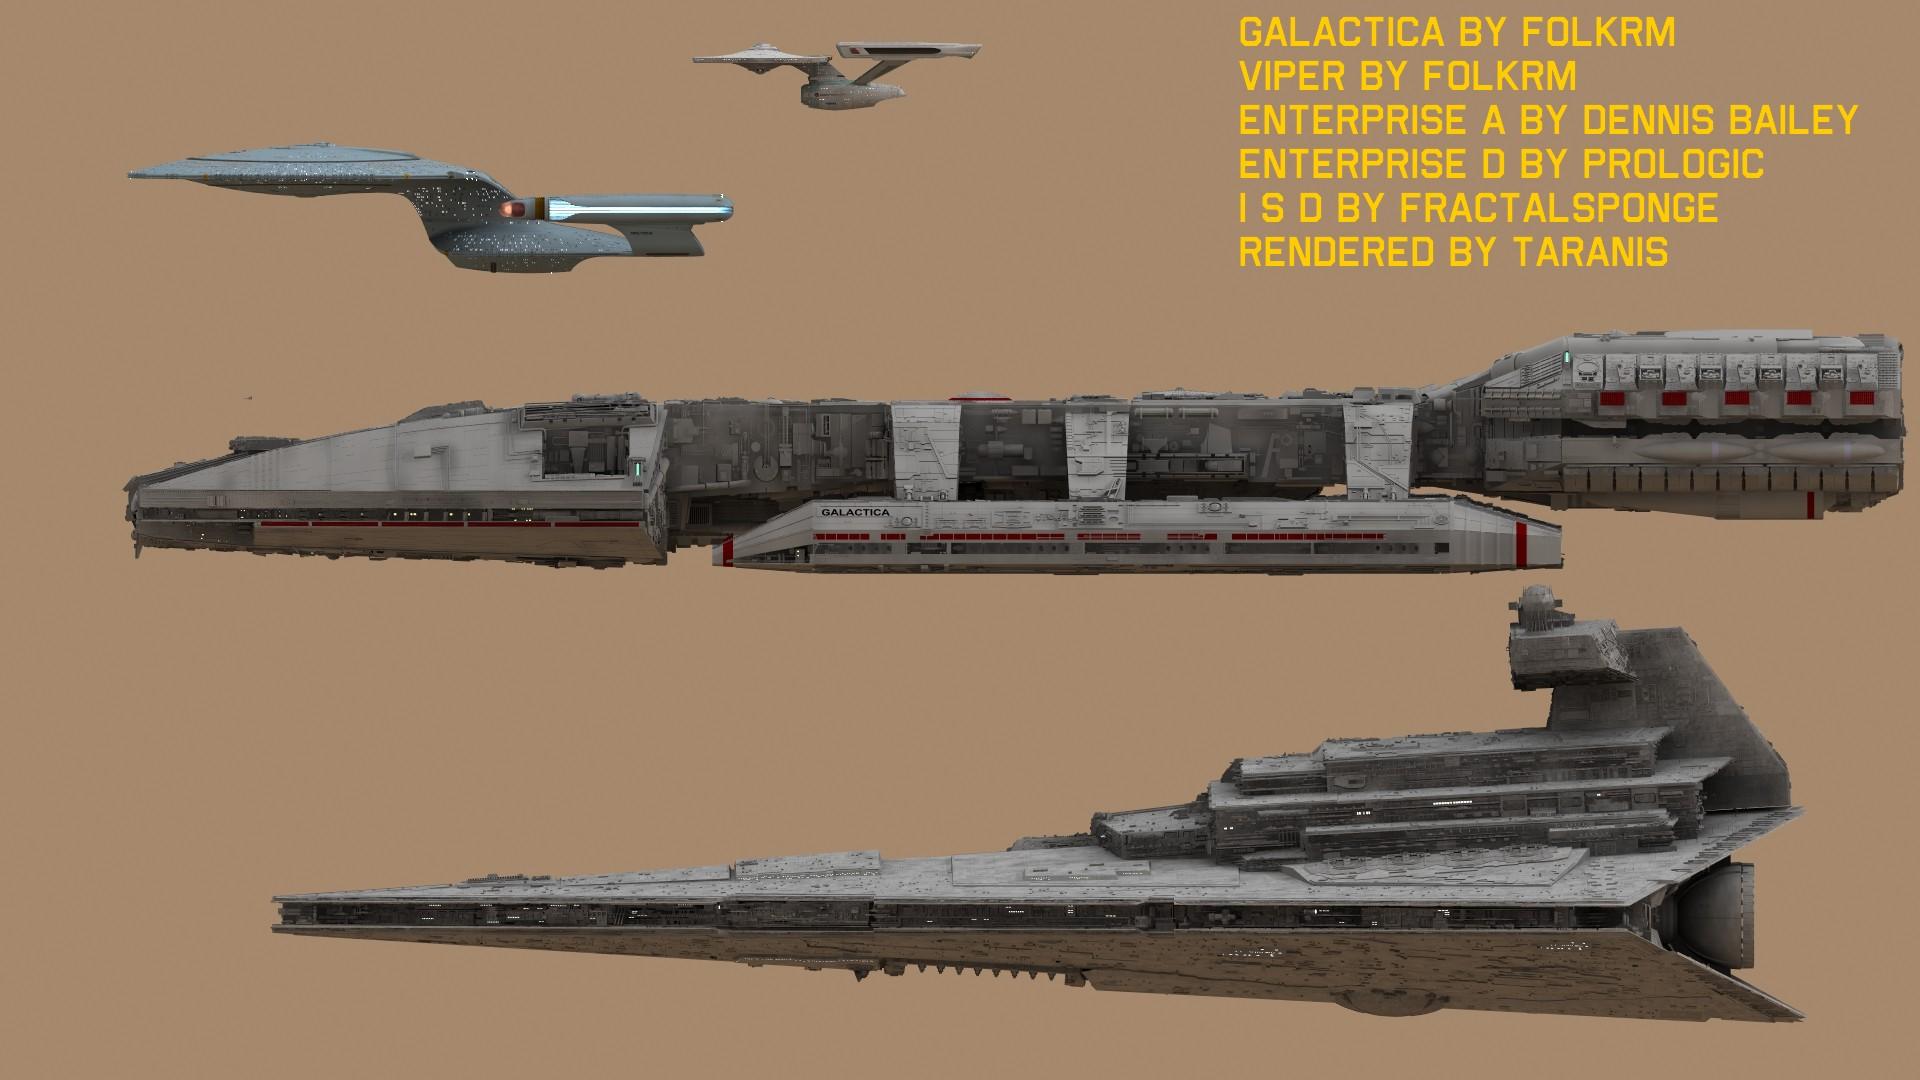 star destroyer enterprise size comparison - photo #30